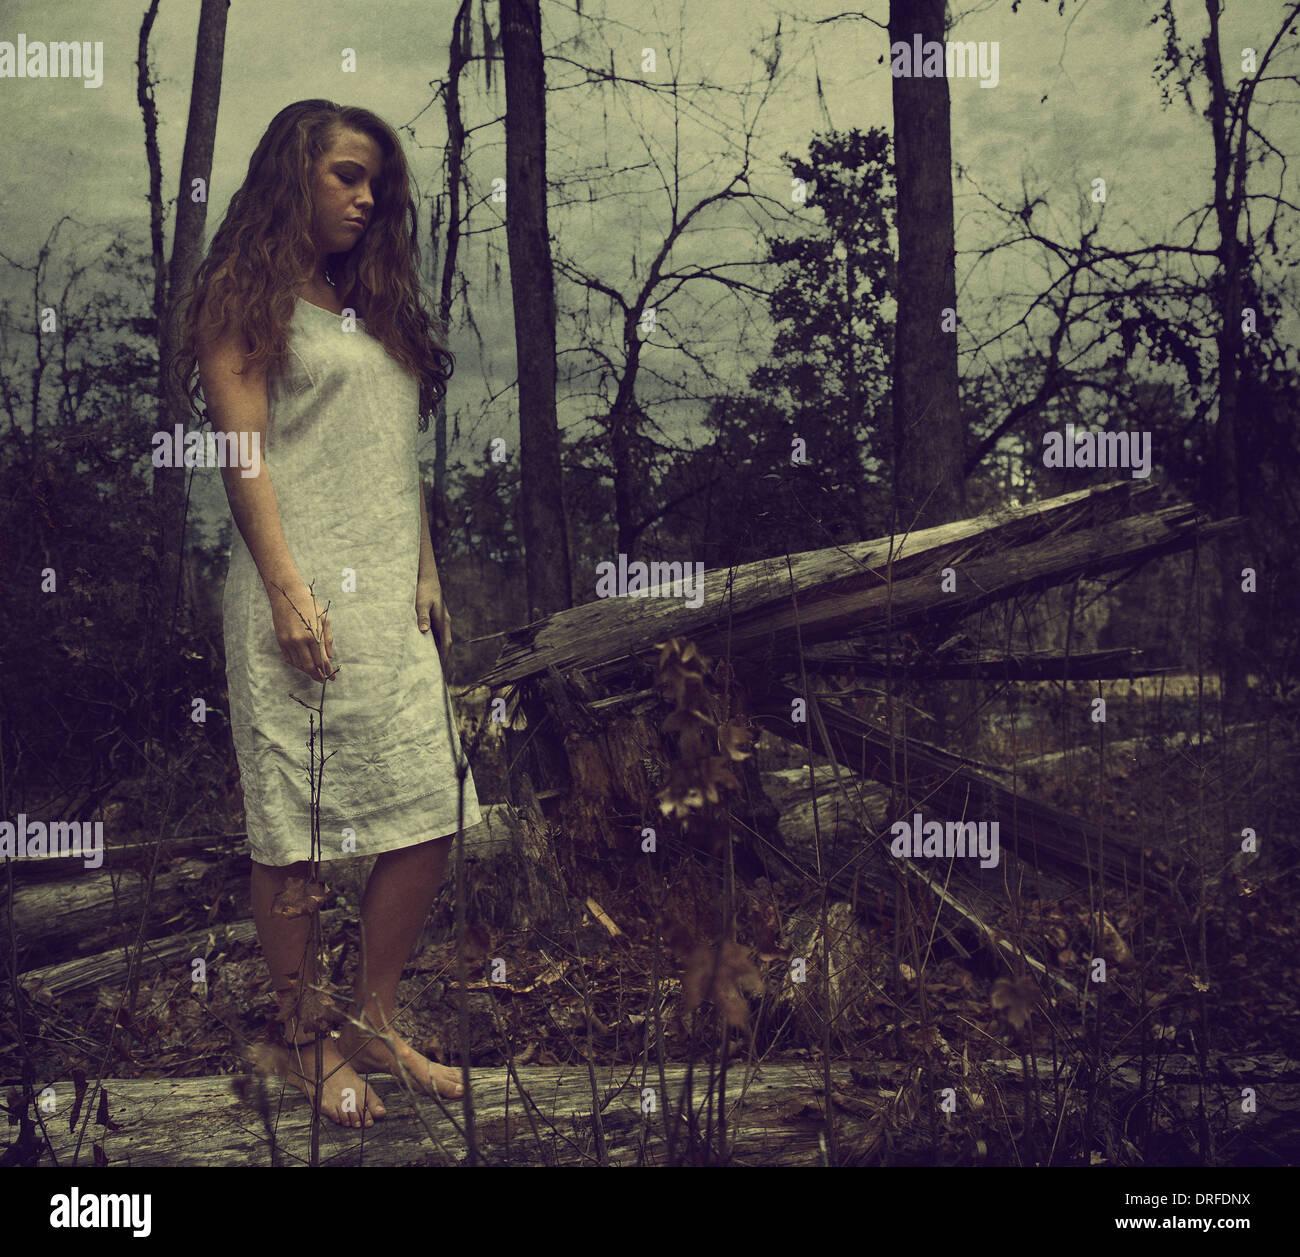 Frau im weißen Kleid stehen in Wäldern mit umgestürzten Bäumen Stockbild